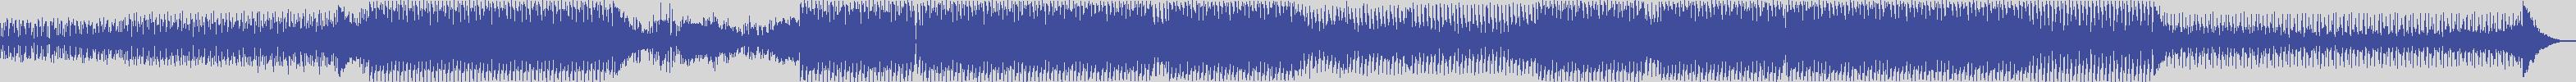 just_digital_records [JS1121] Franz Costa - Bathroom [Original Mix] audio wave form